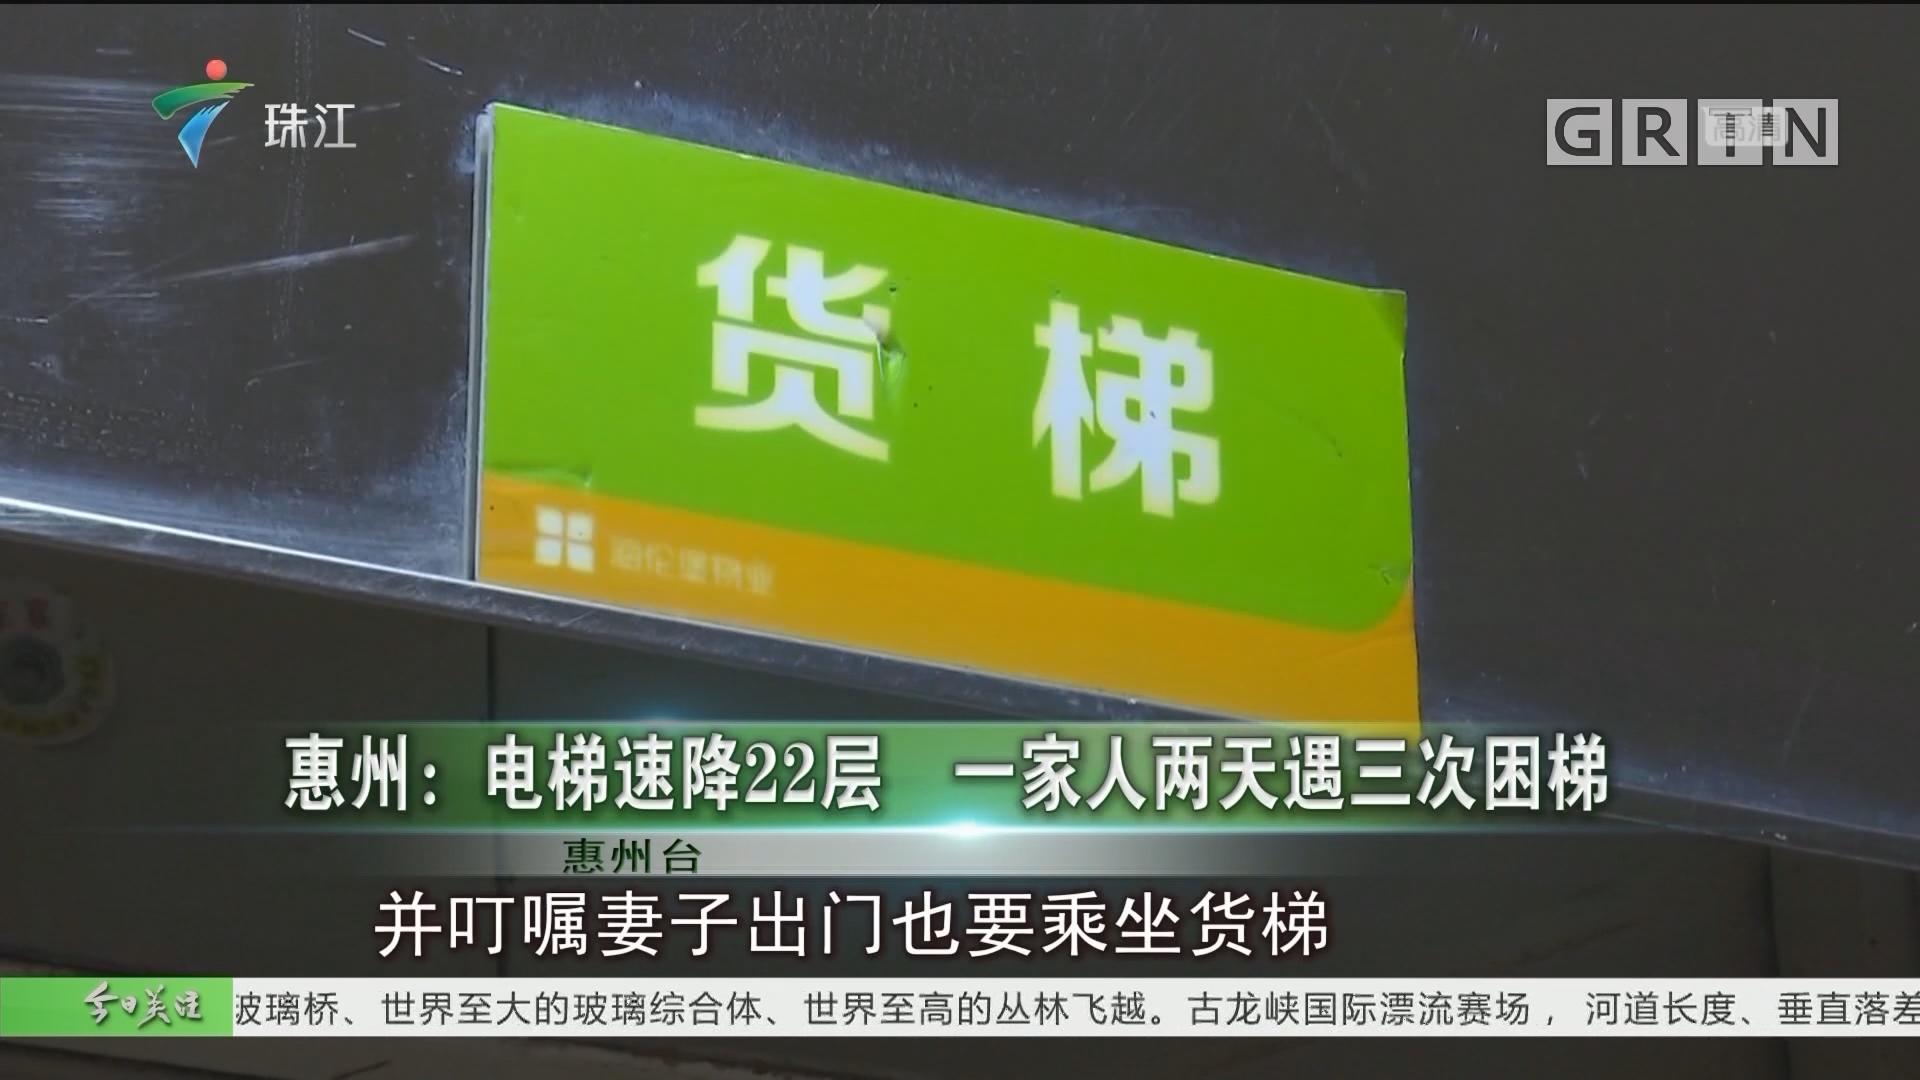 惠州:电梯速降22层 一家人两天遇三次困梯